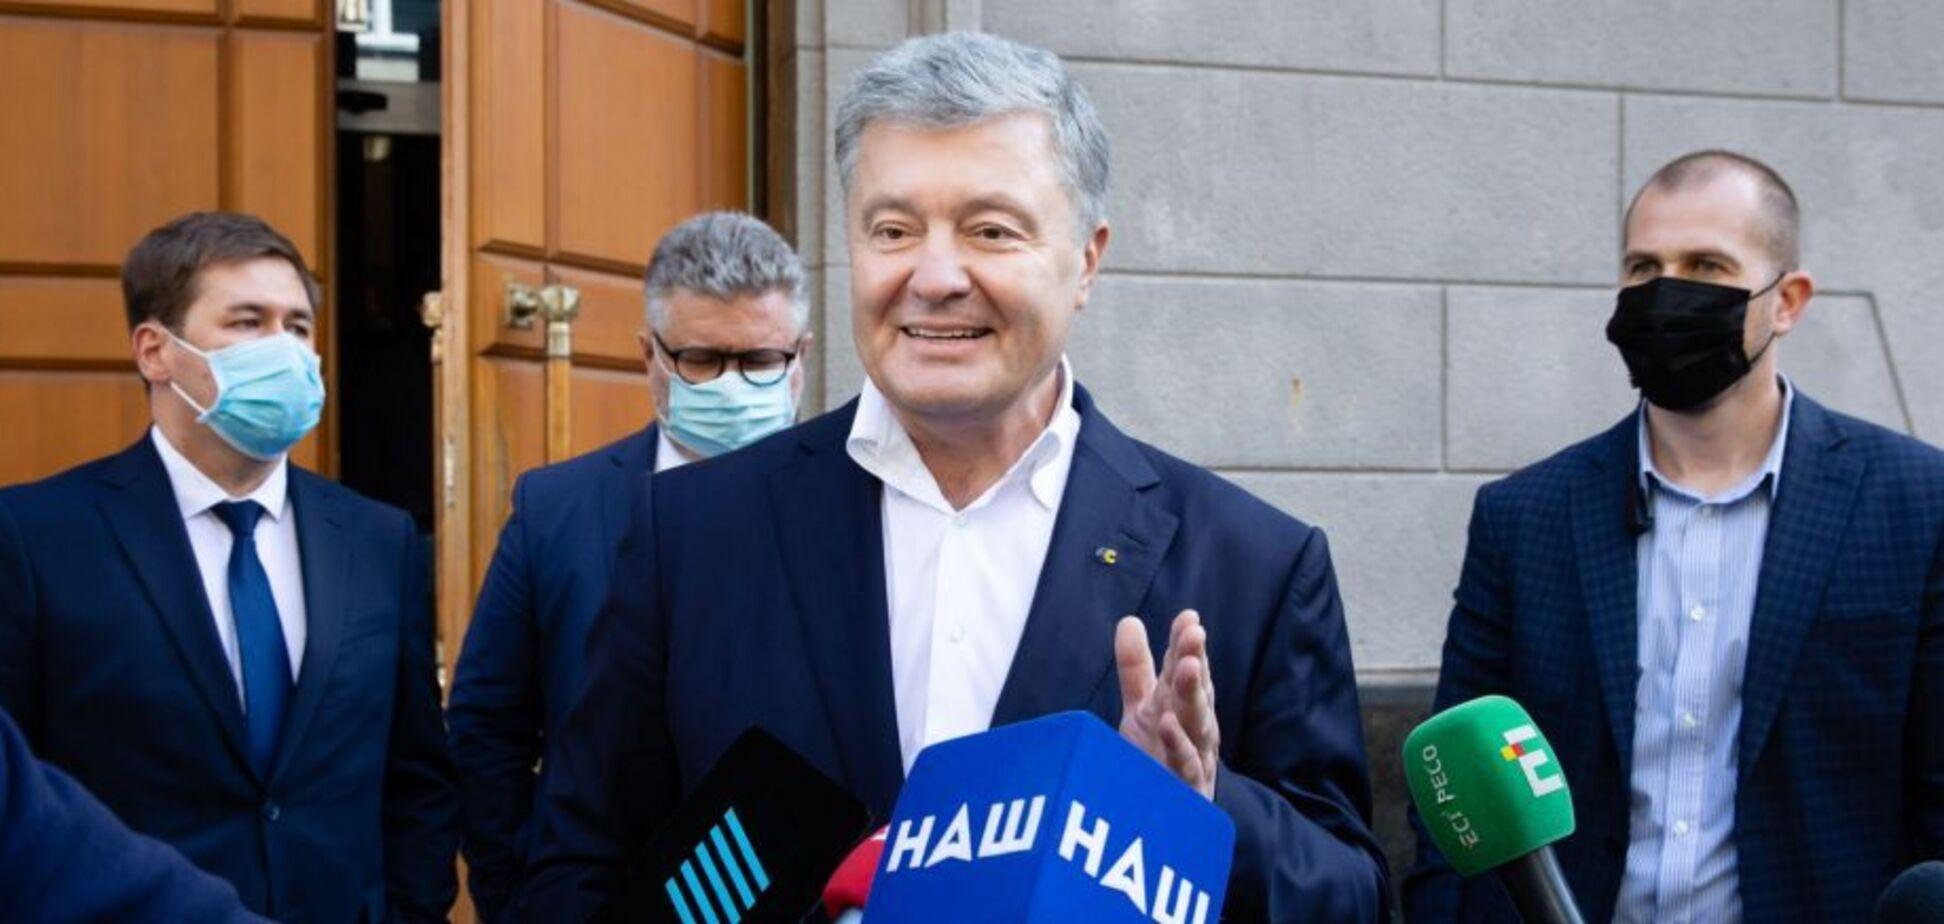 Порошенко: влада має пояснити, чому Україна купуєвугілля й електрику в Росії